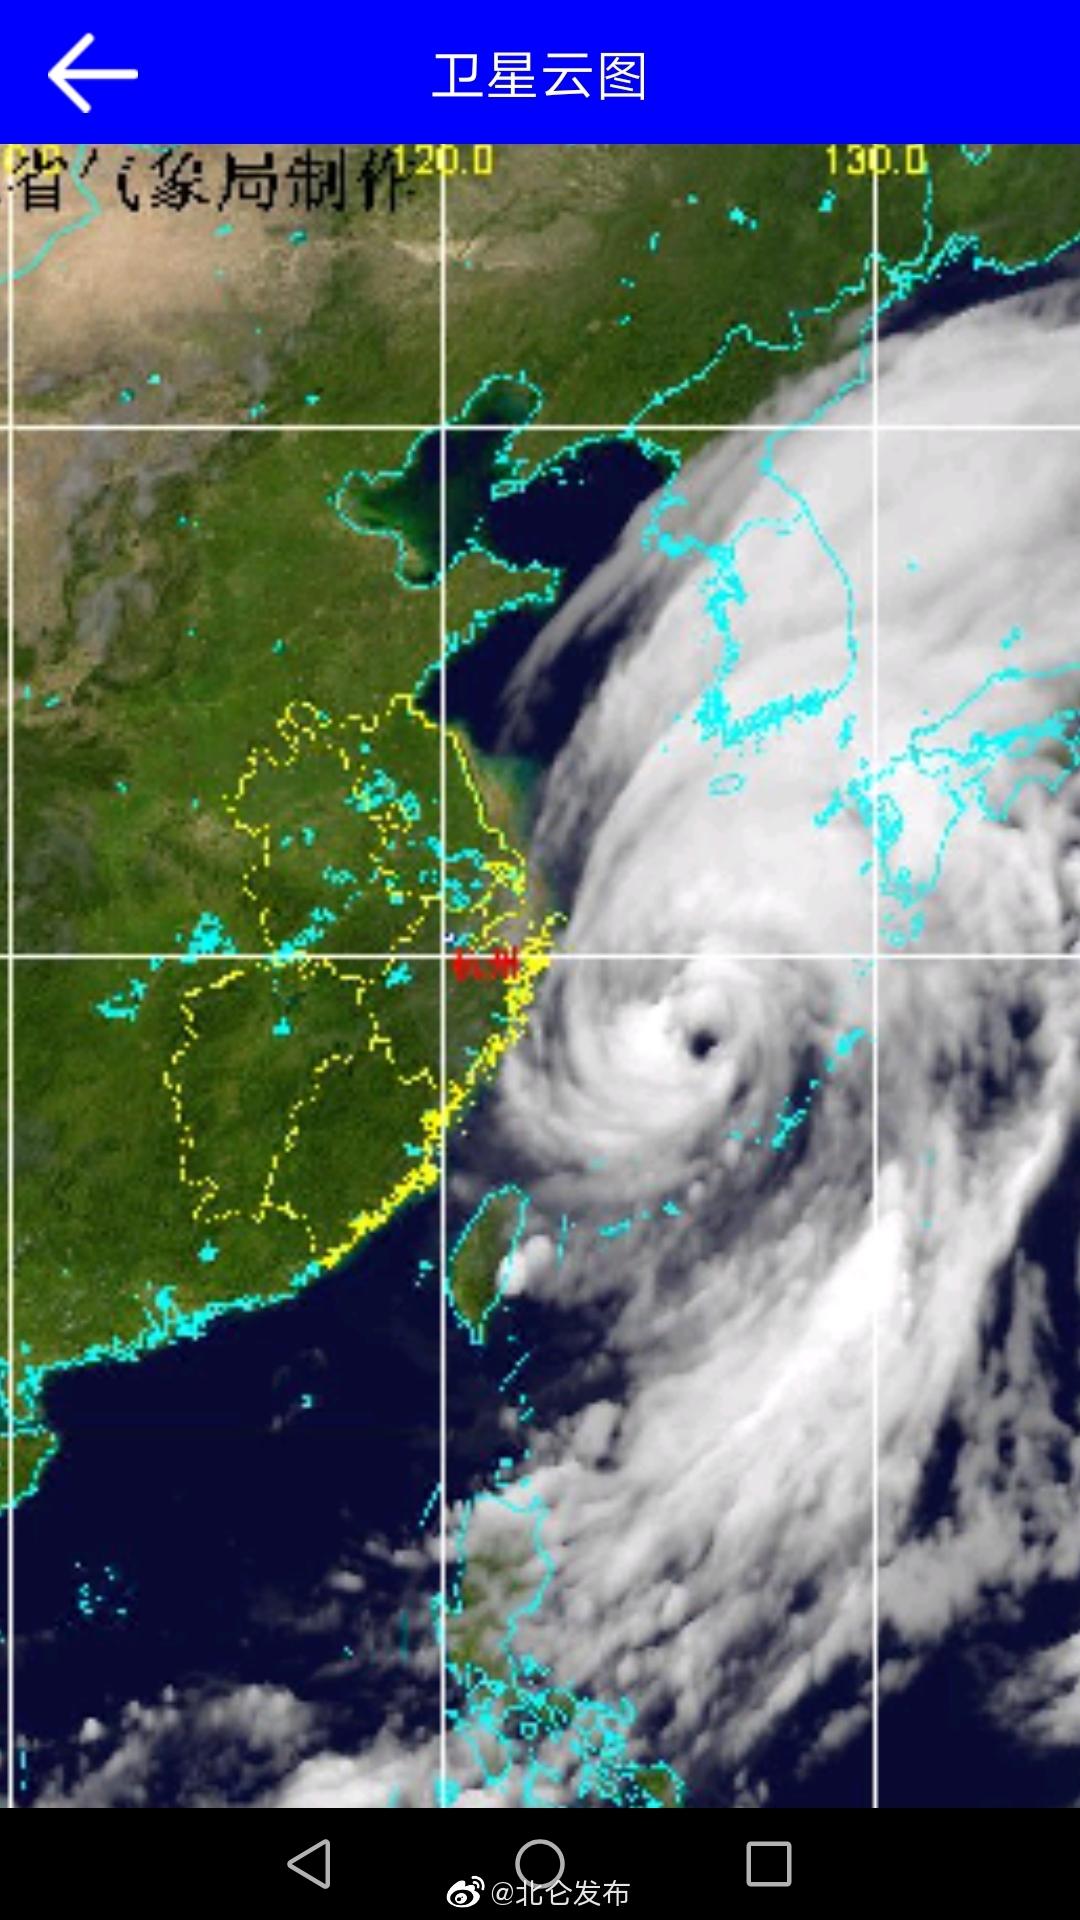 北仑区气象台2019年9月21日20时44分继续发布台风黄色预警信号